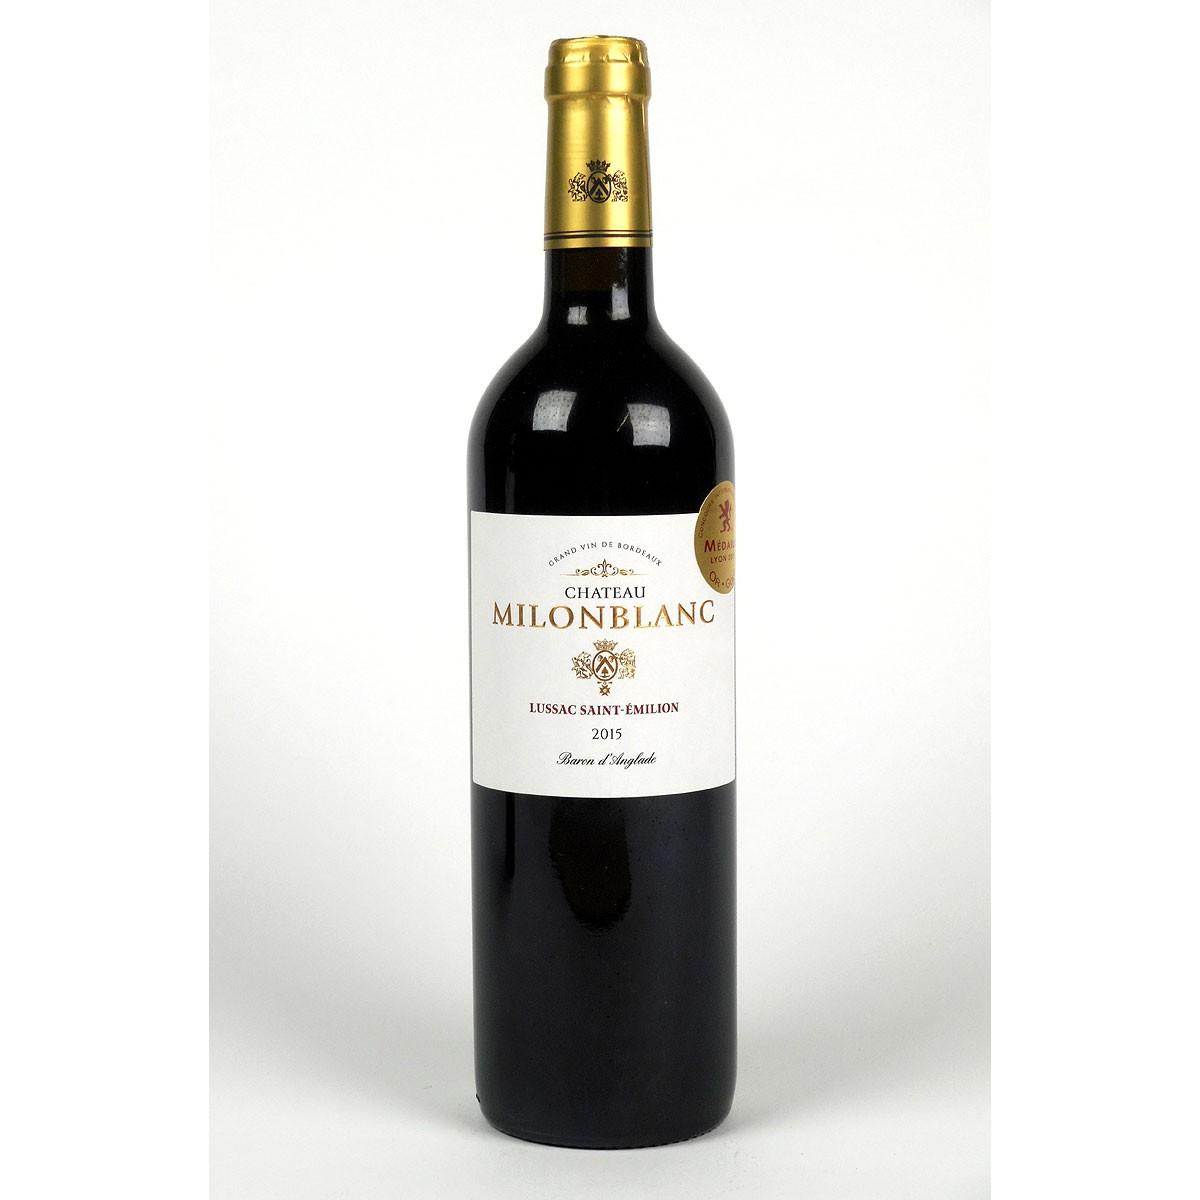 Lussac-Saint-Émilion: Château Milonblanc 2015 - Bottle